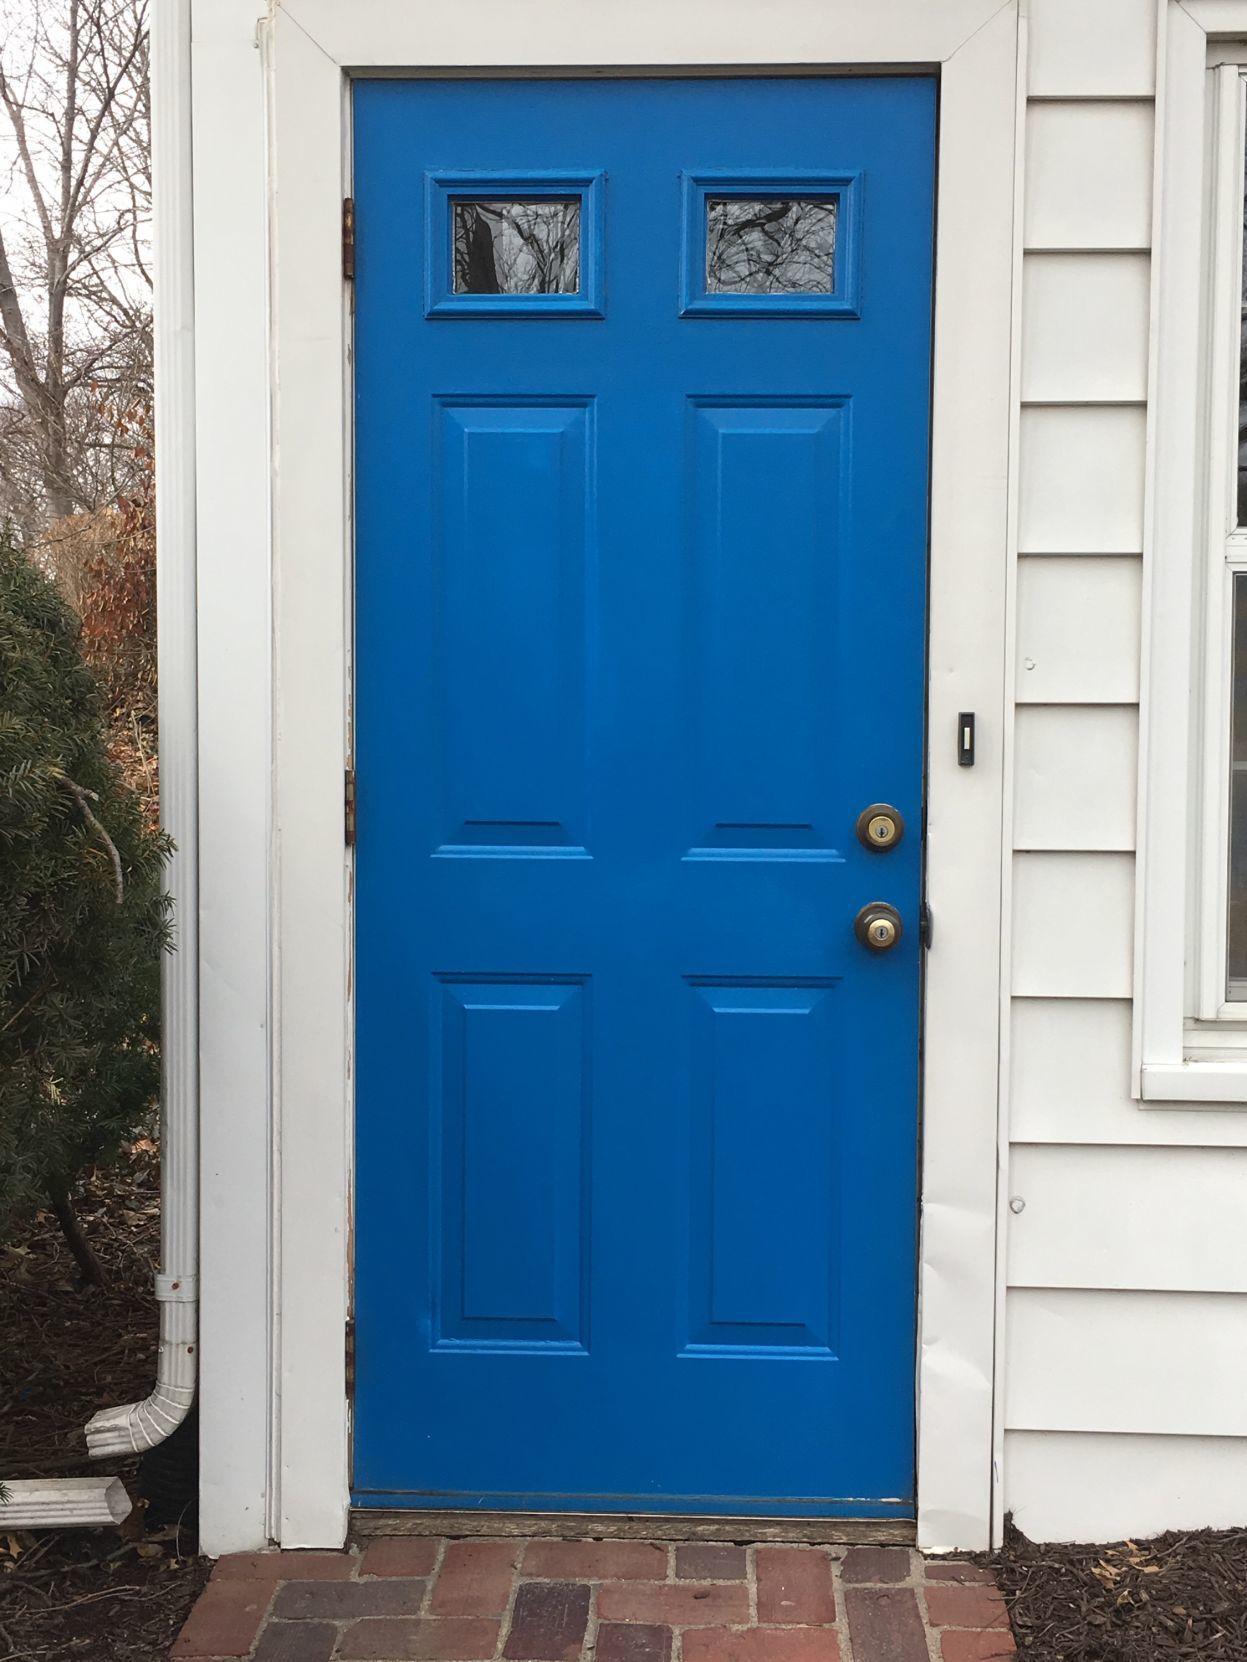 & So a-DOOR-able | Home and Garden | qctimes.com